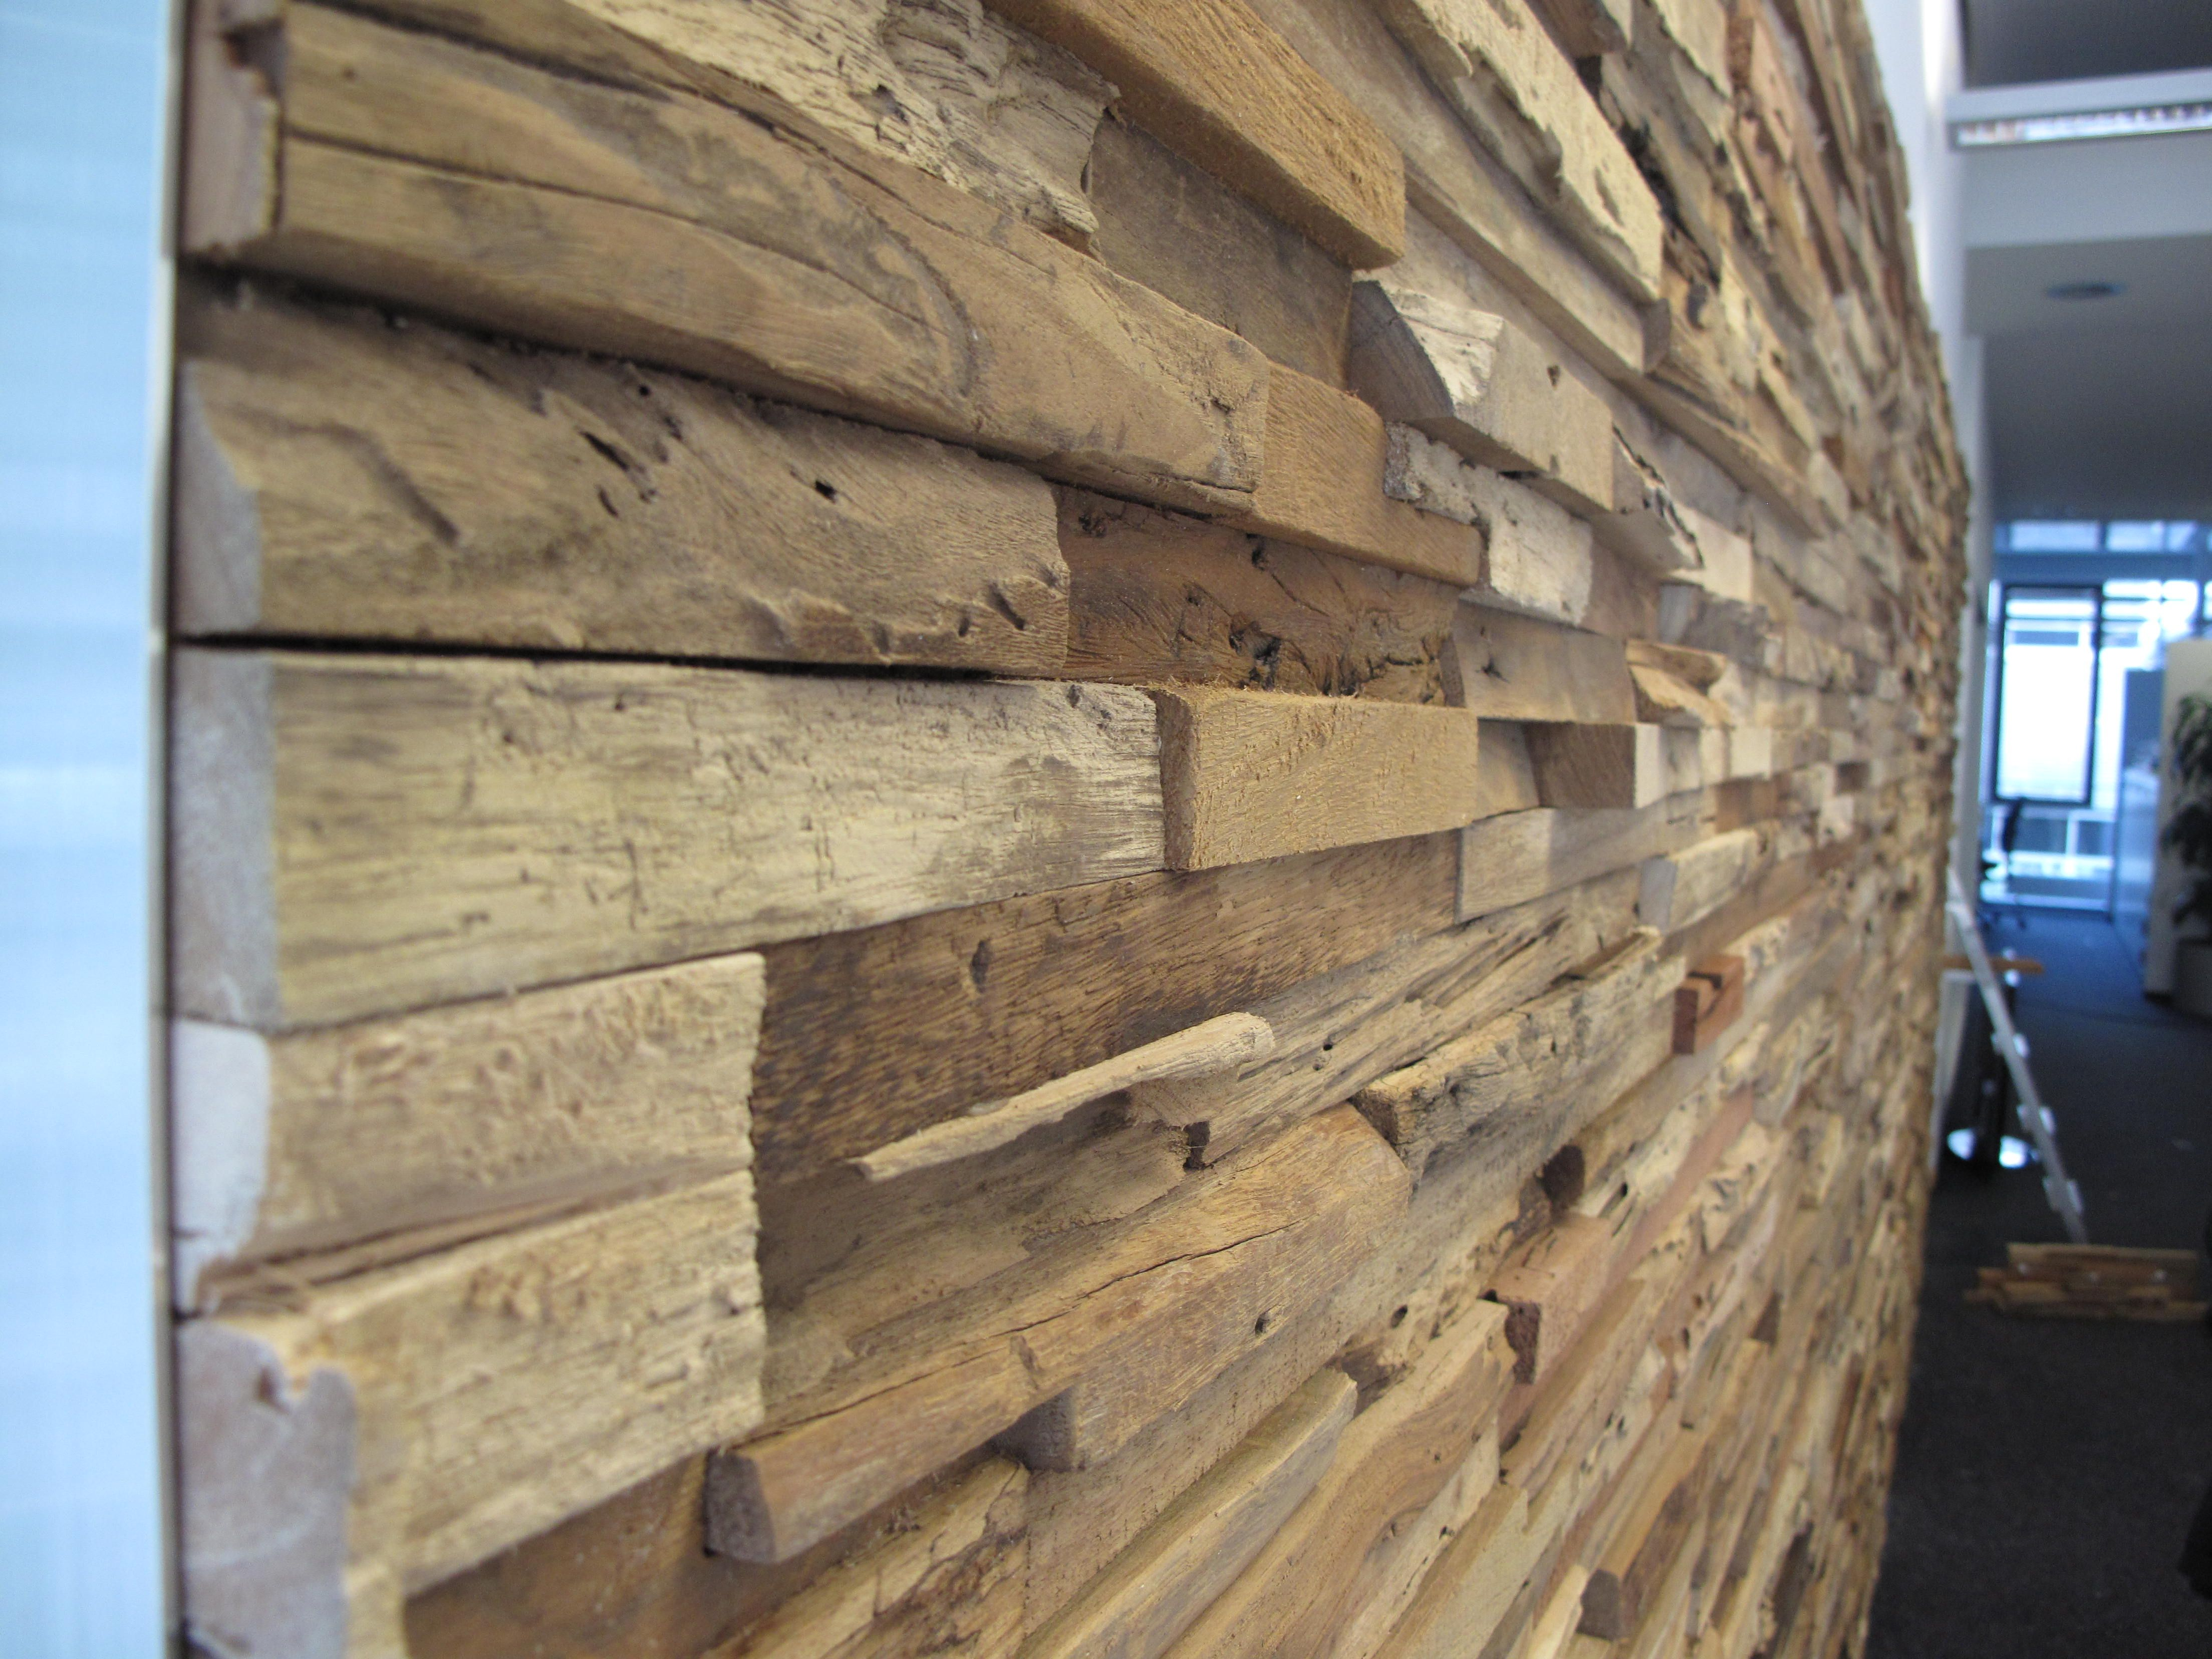 Wandverkleidung Mit Alu Abschlusswinkel Wandverkleidung Wandverkleidung Holz Wandpaneele Holz